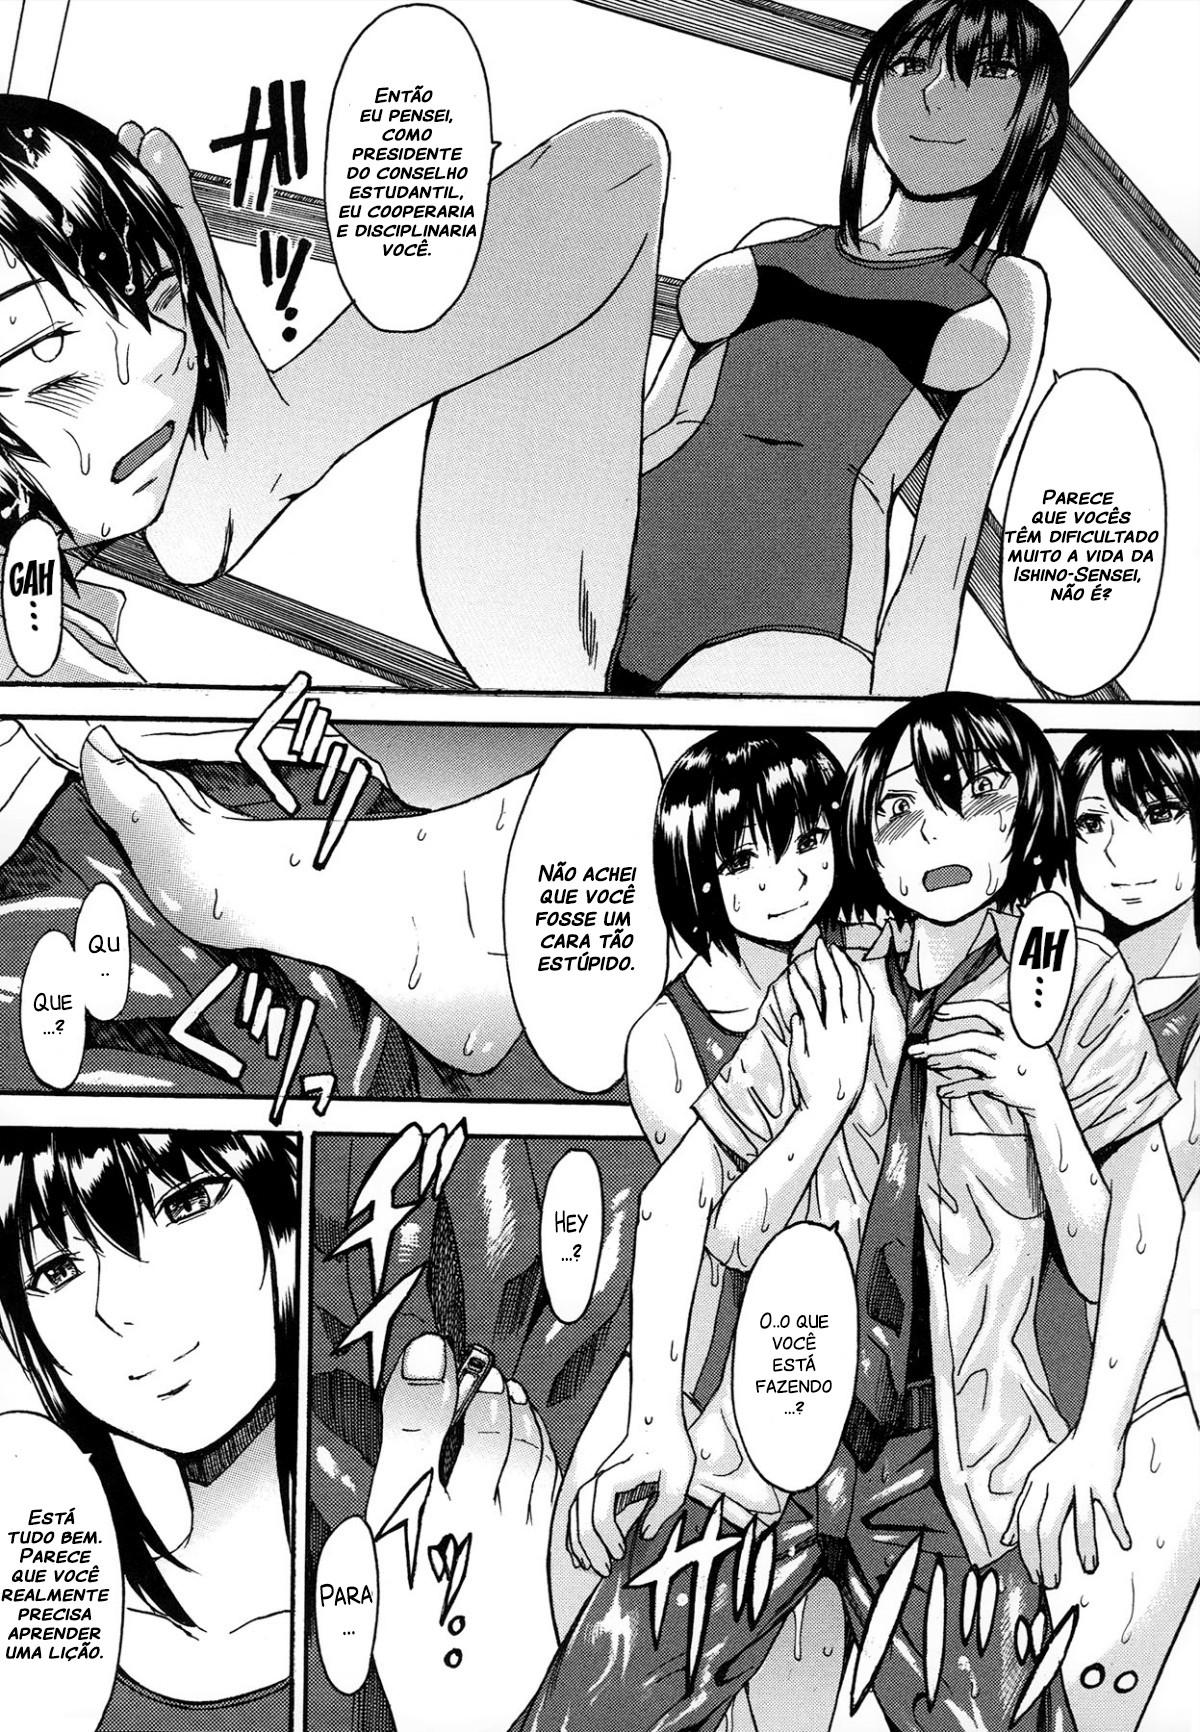 Ashigami Capitulo 3 - pagina 9